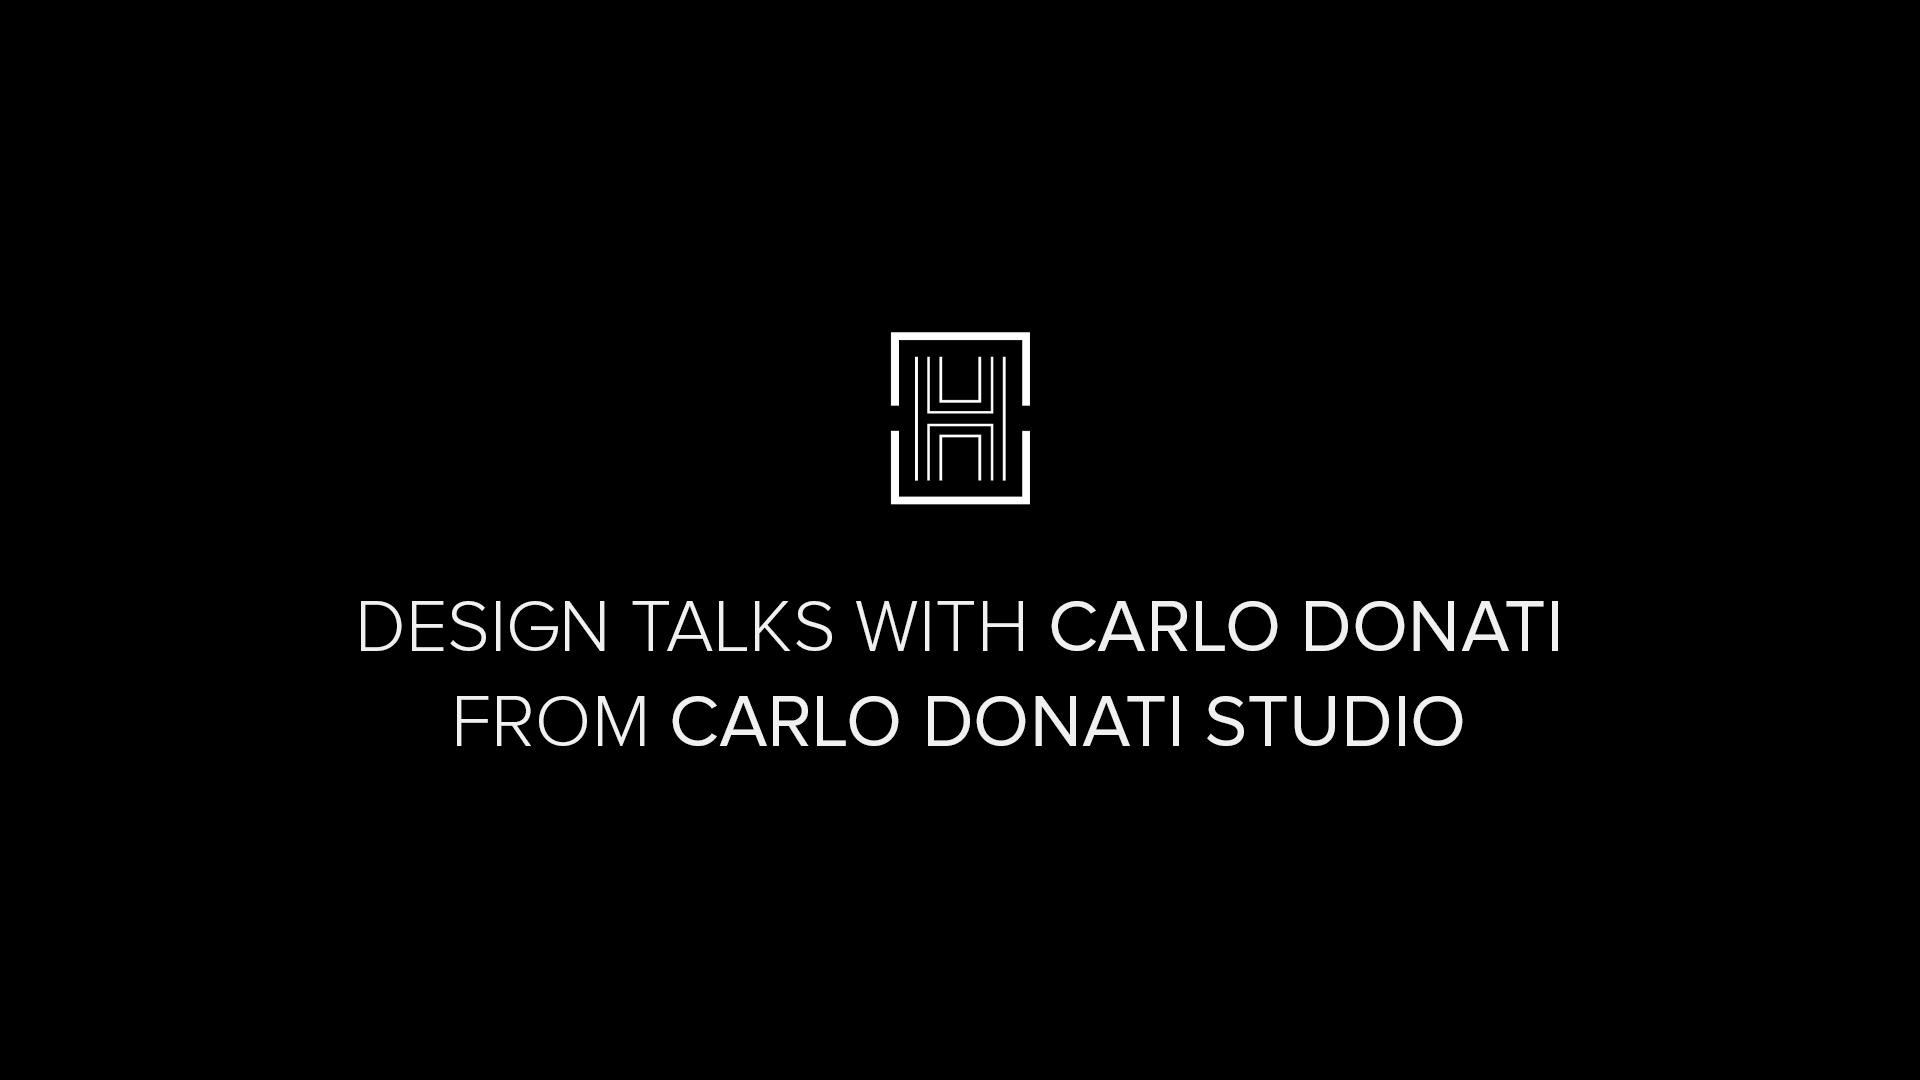 Design Talks Invites Carlo Donati Studio - Italian Design Striving For Perfection home inspiration ideas